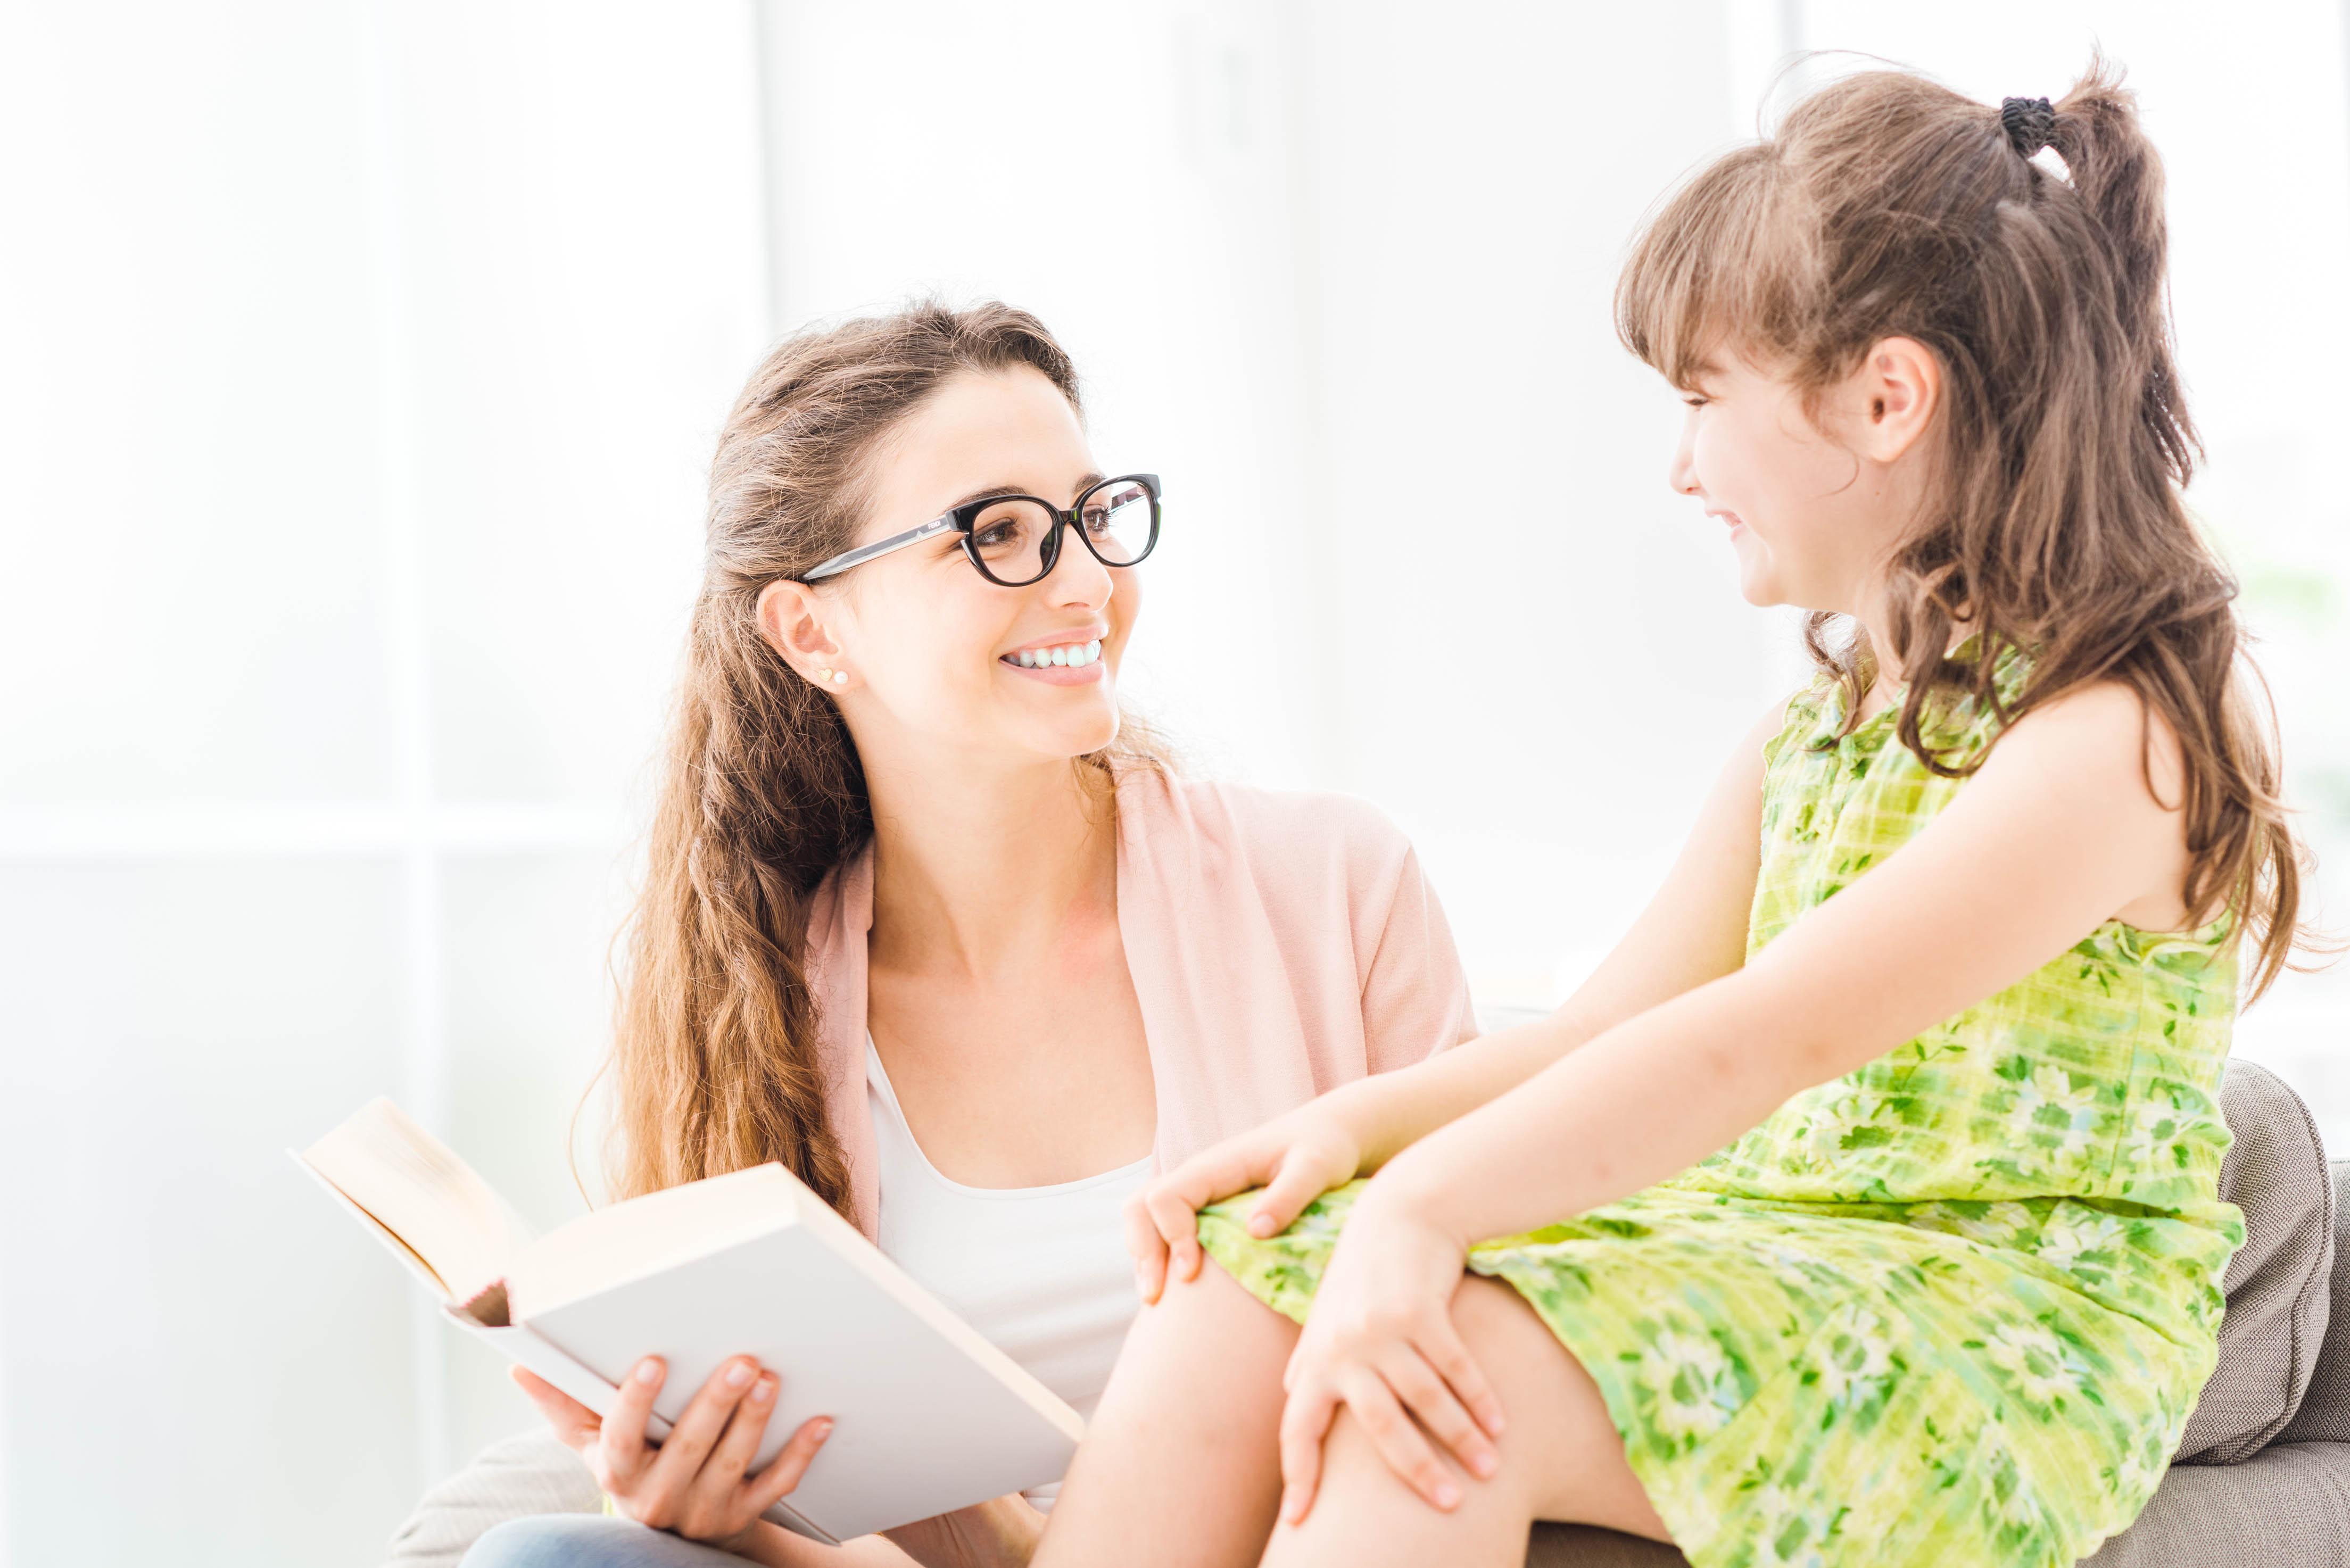 Bist du ein guter Babysitter? Mache den Test!